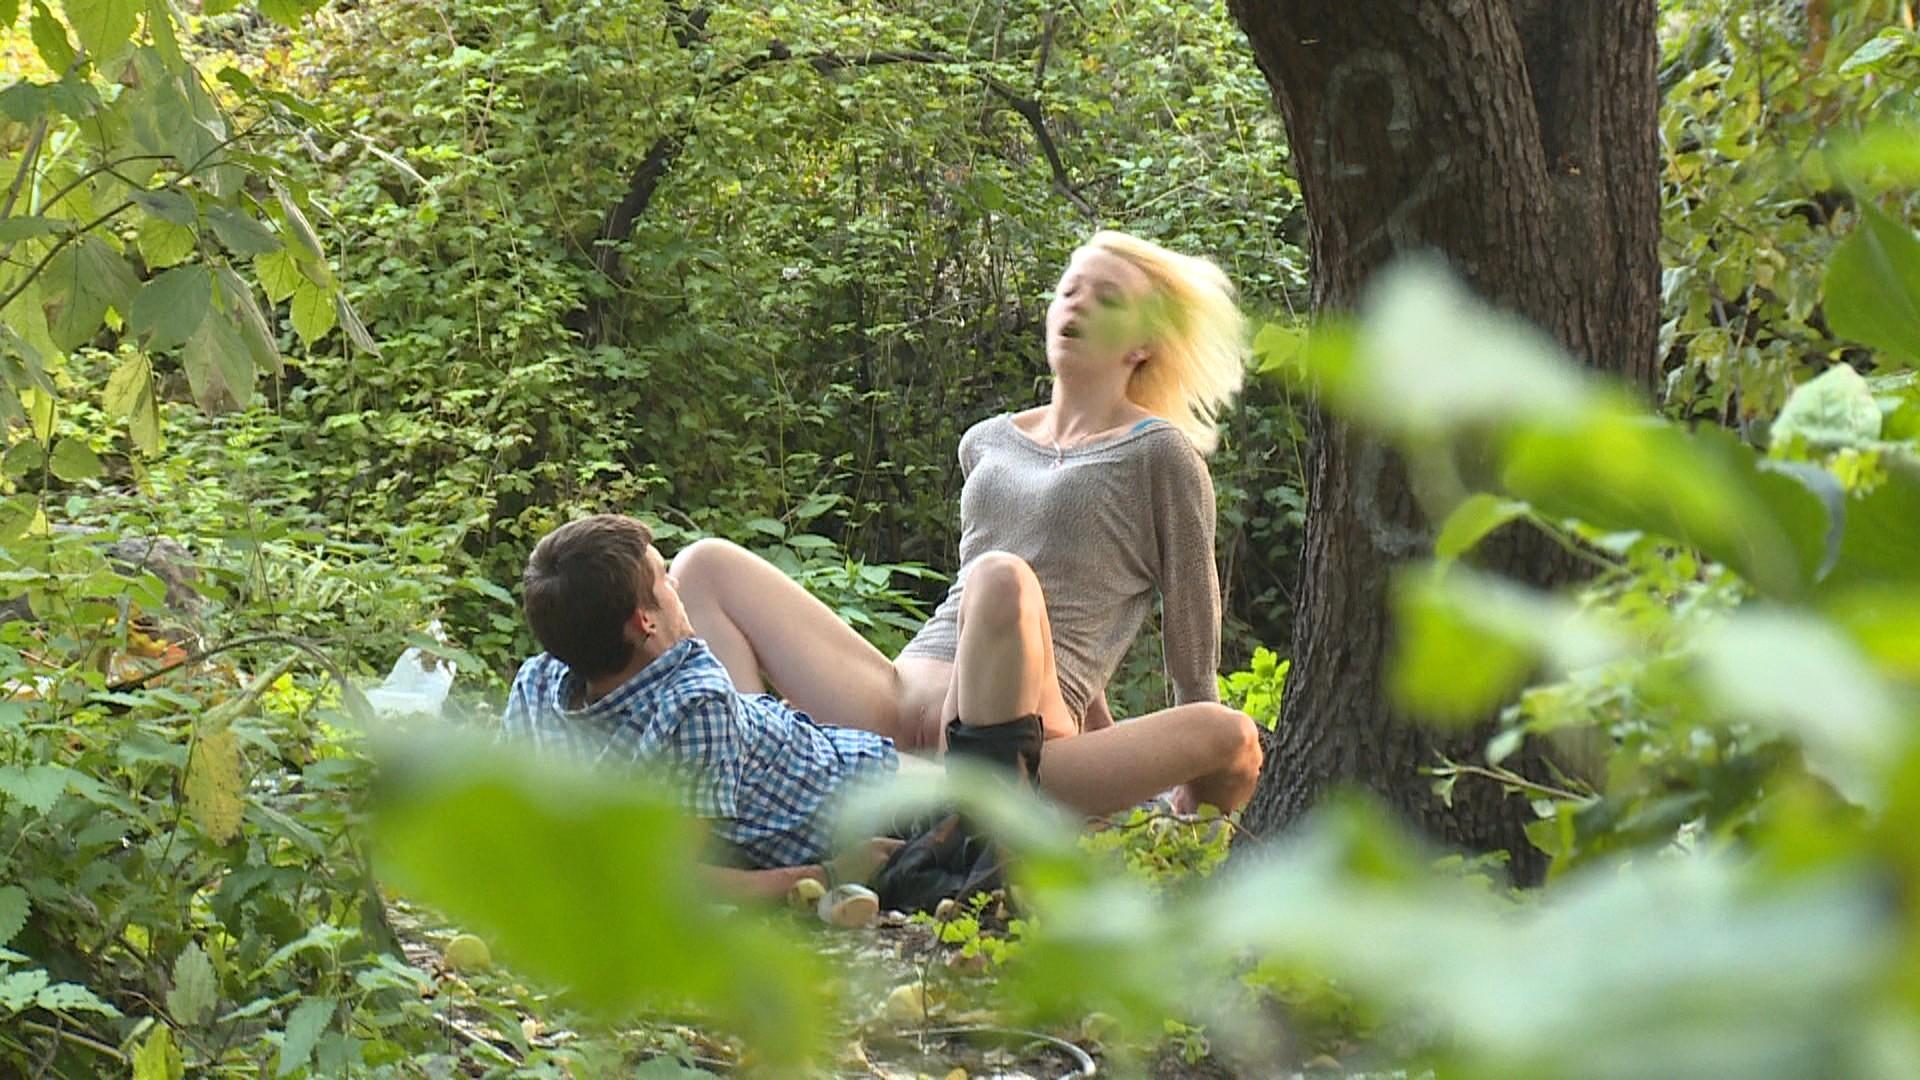 полости рта подглядывания на природе видео смотреть онлайн обнажились